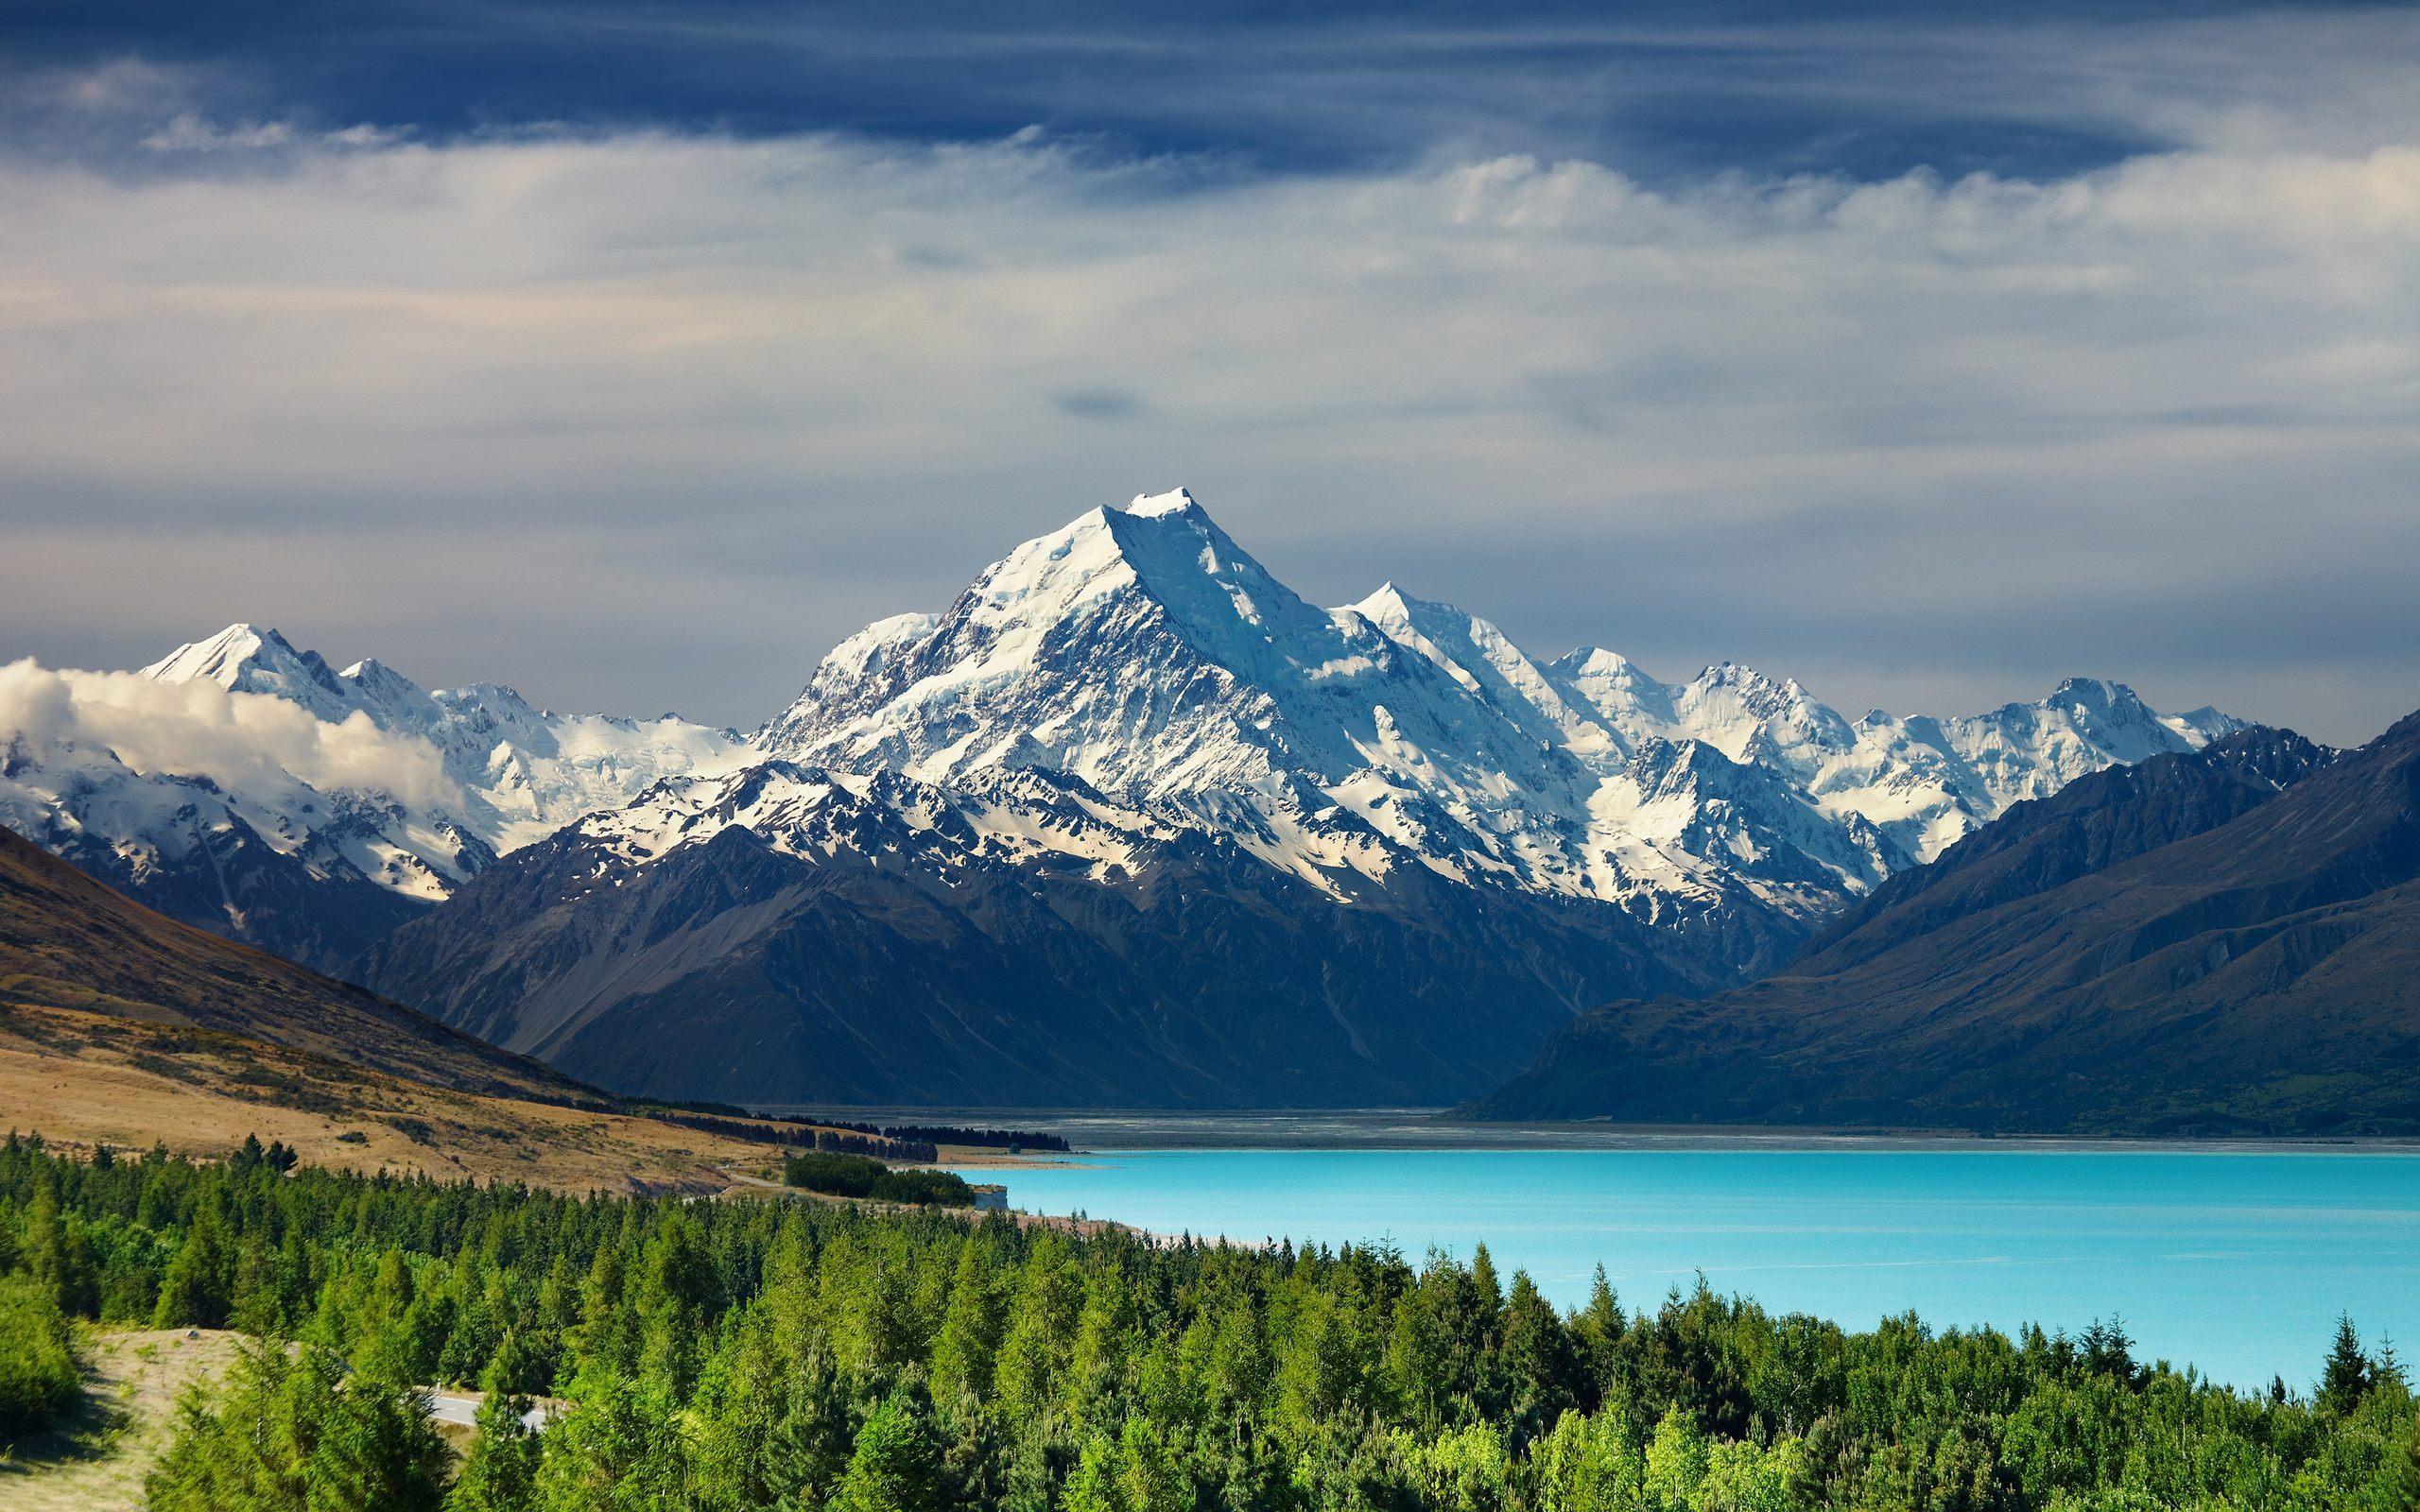 新西兰移民条件|北京新达移民|新西兰移民条件和投资类别图片